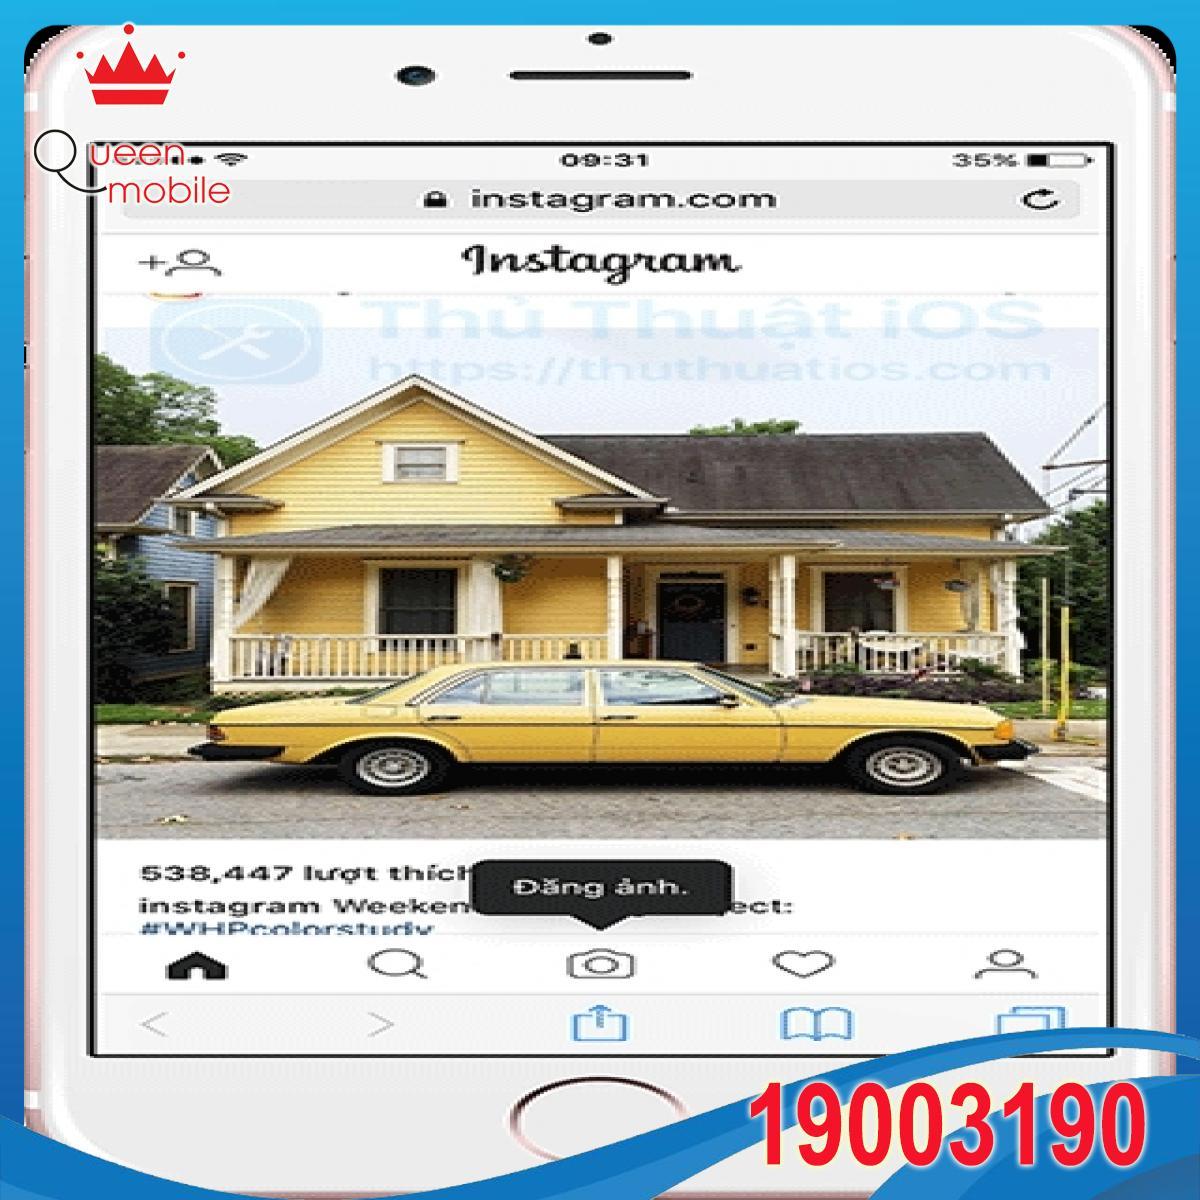 Cách đăng hình lên Instagram qua trang web trên di động và máy tính